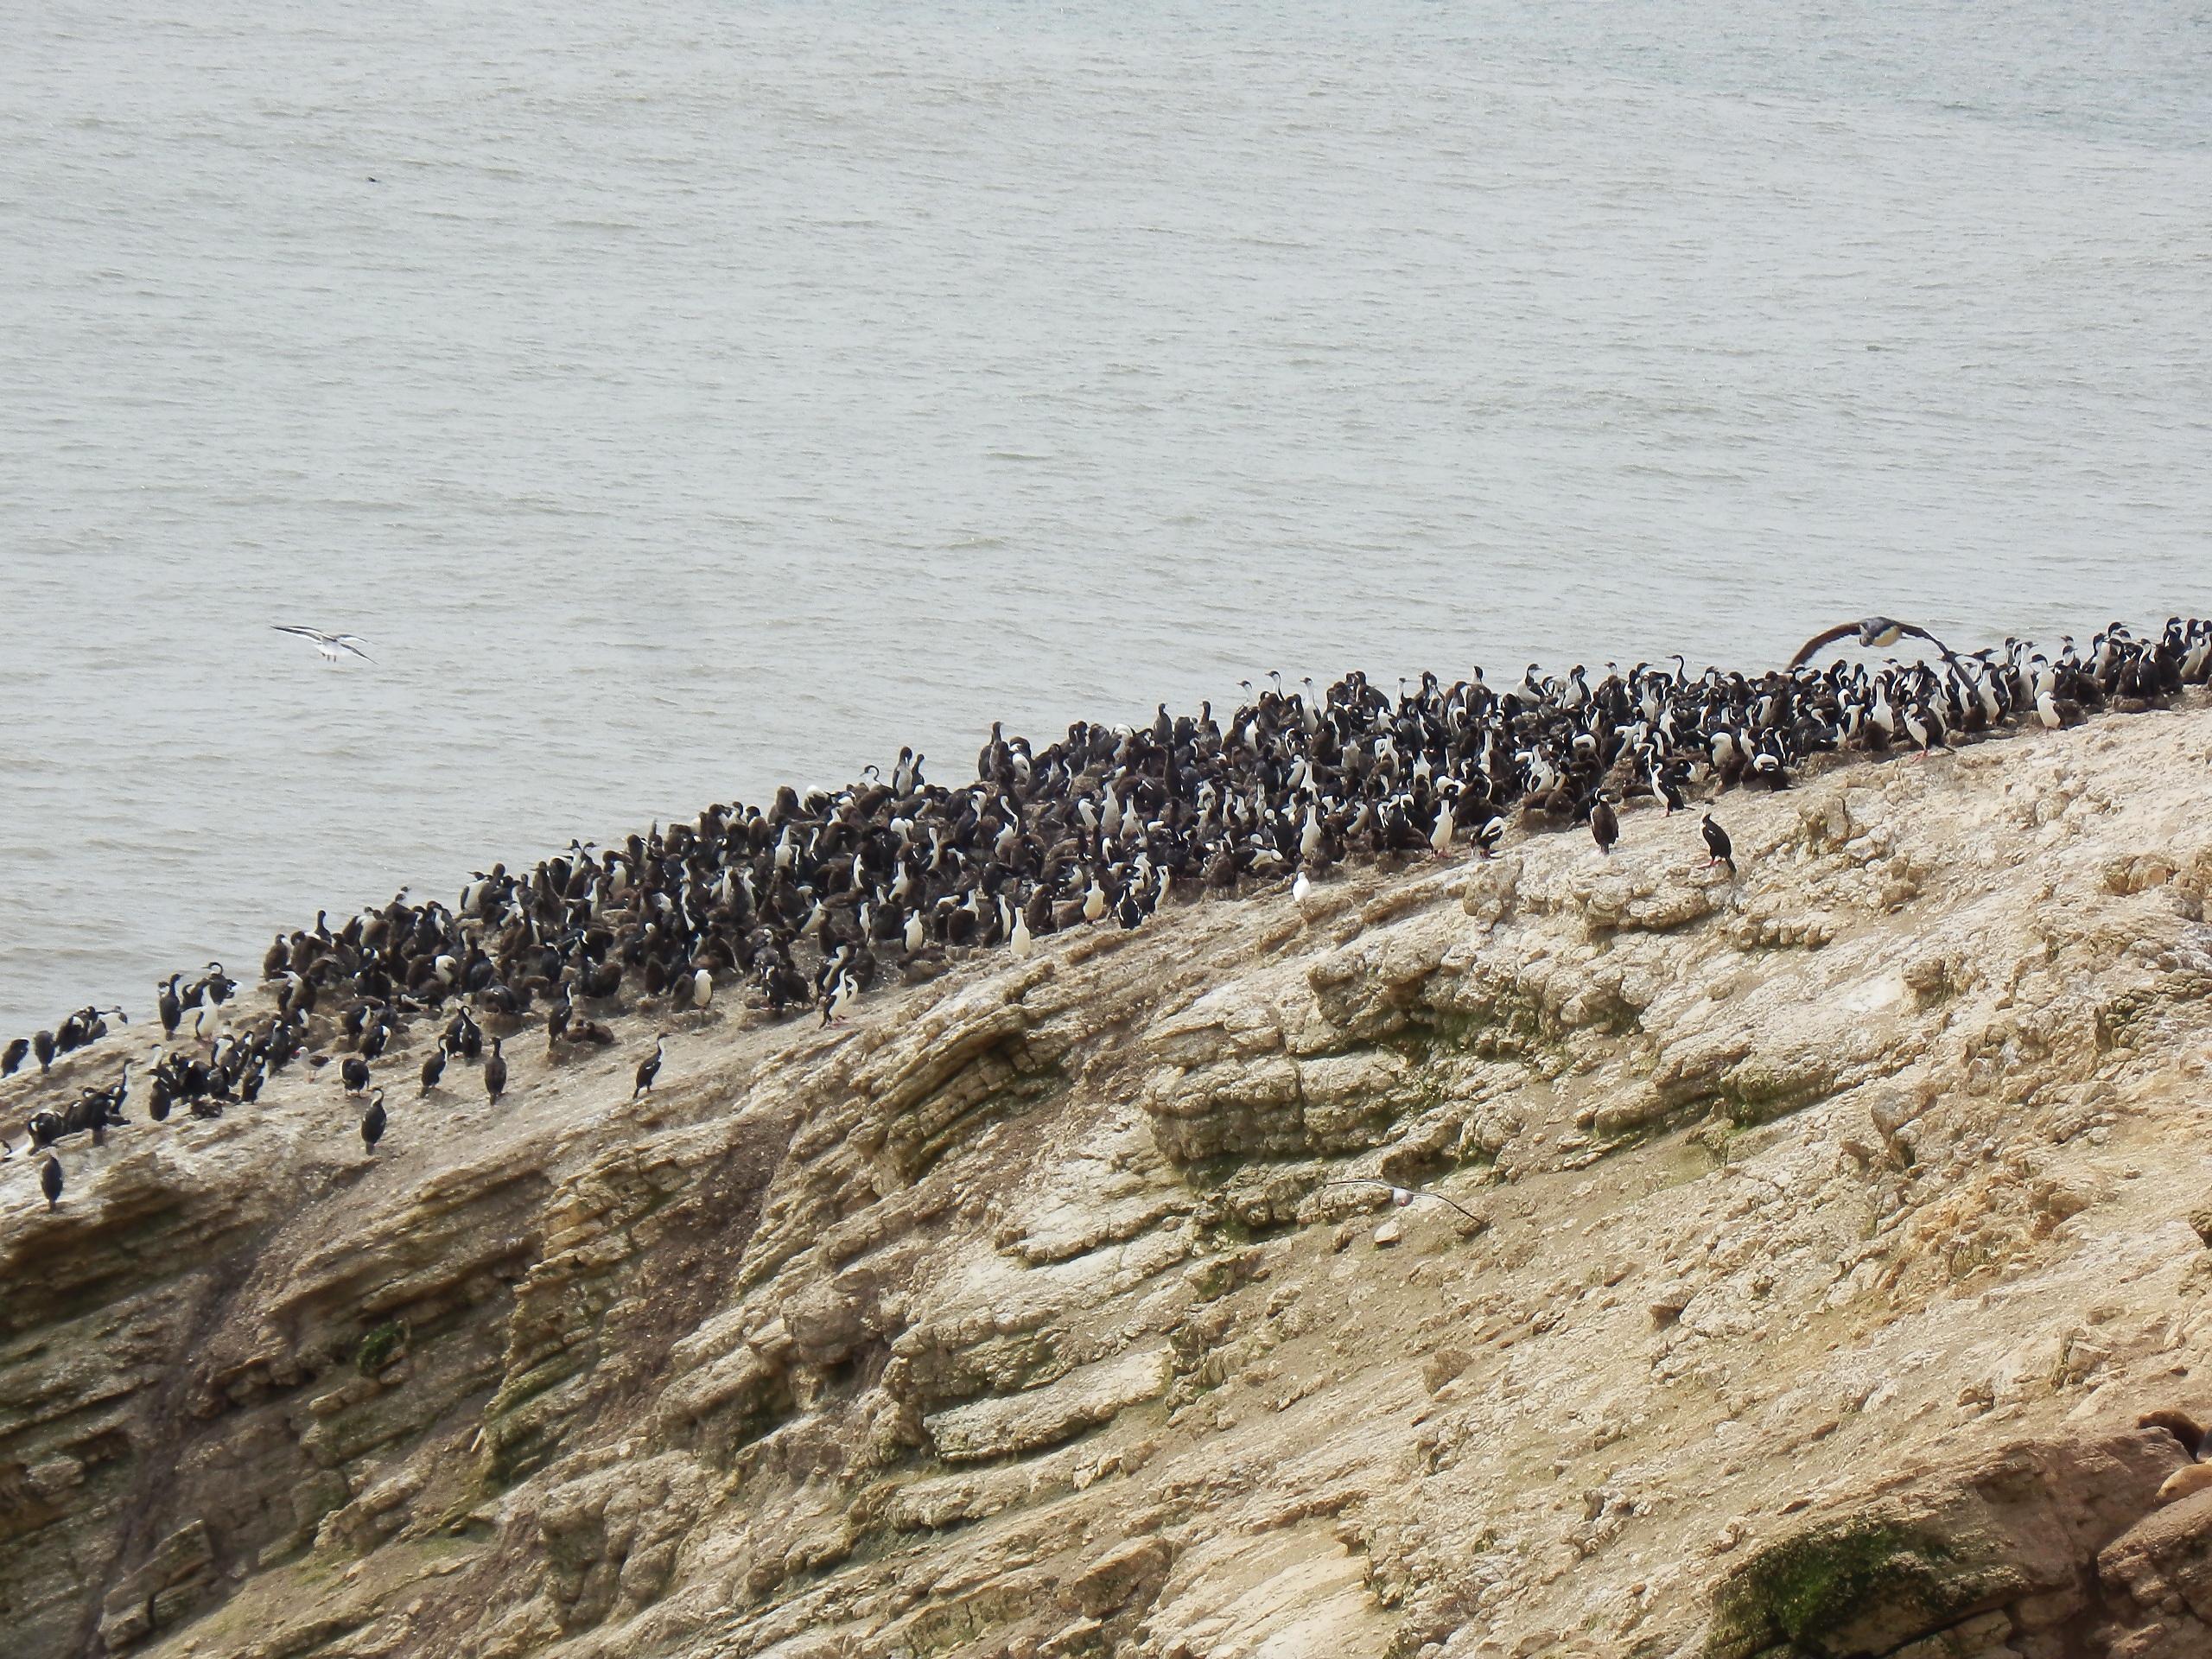 Península de Mitre, Argentina. Foto: Leonardo Collado